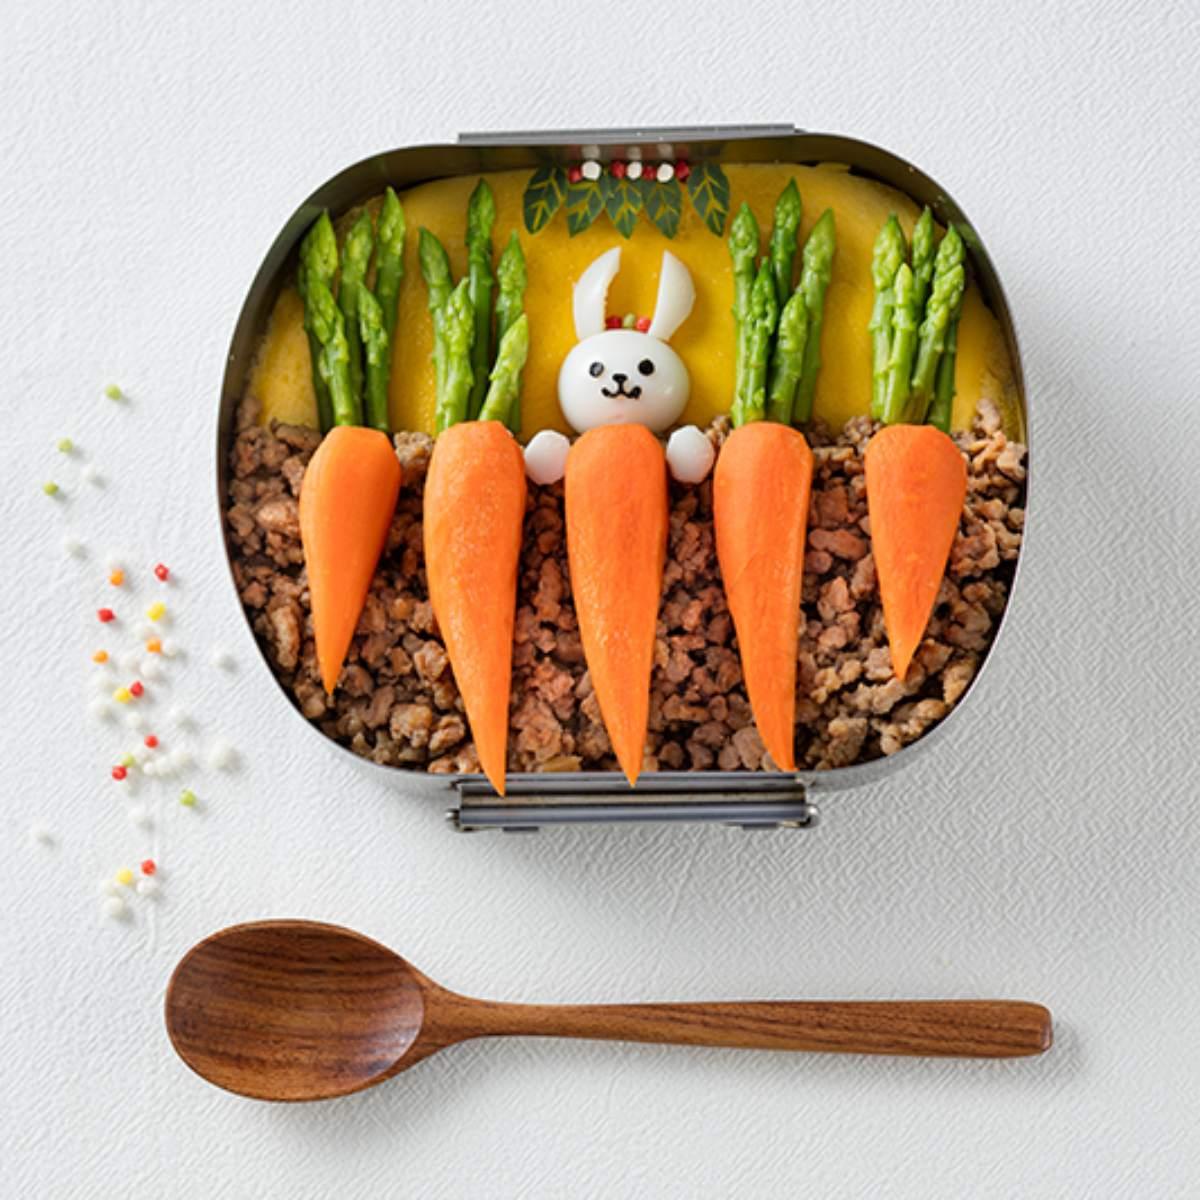 大人小孩都愛!3款「造型便當」5步驟內輕鬆搞定,超萌小動物陪你吃飯